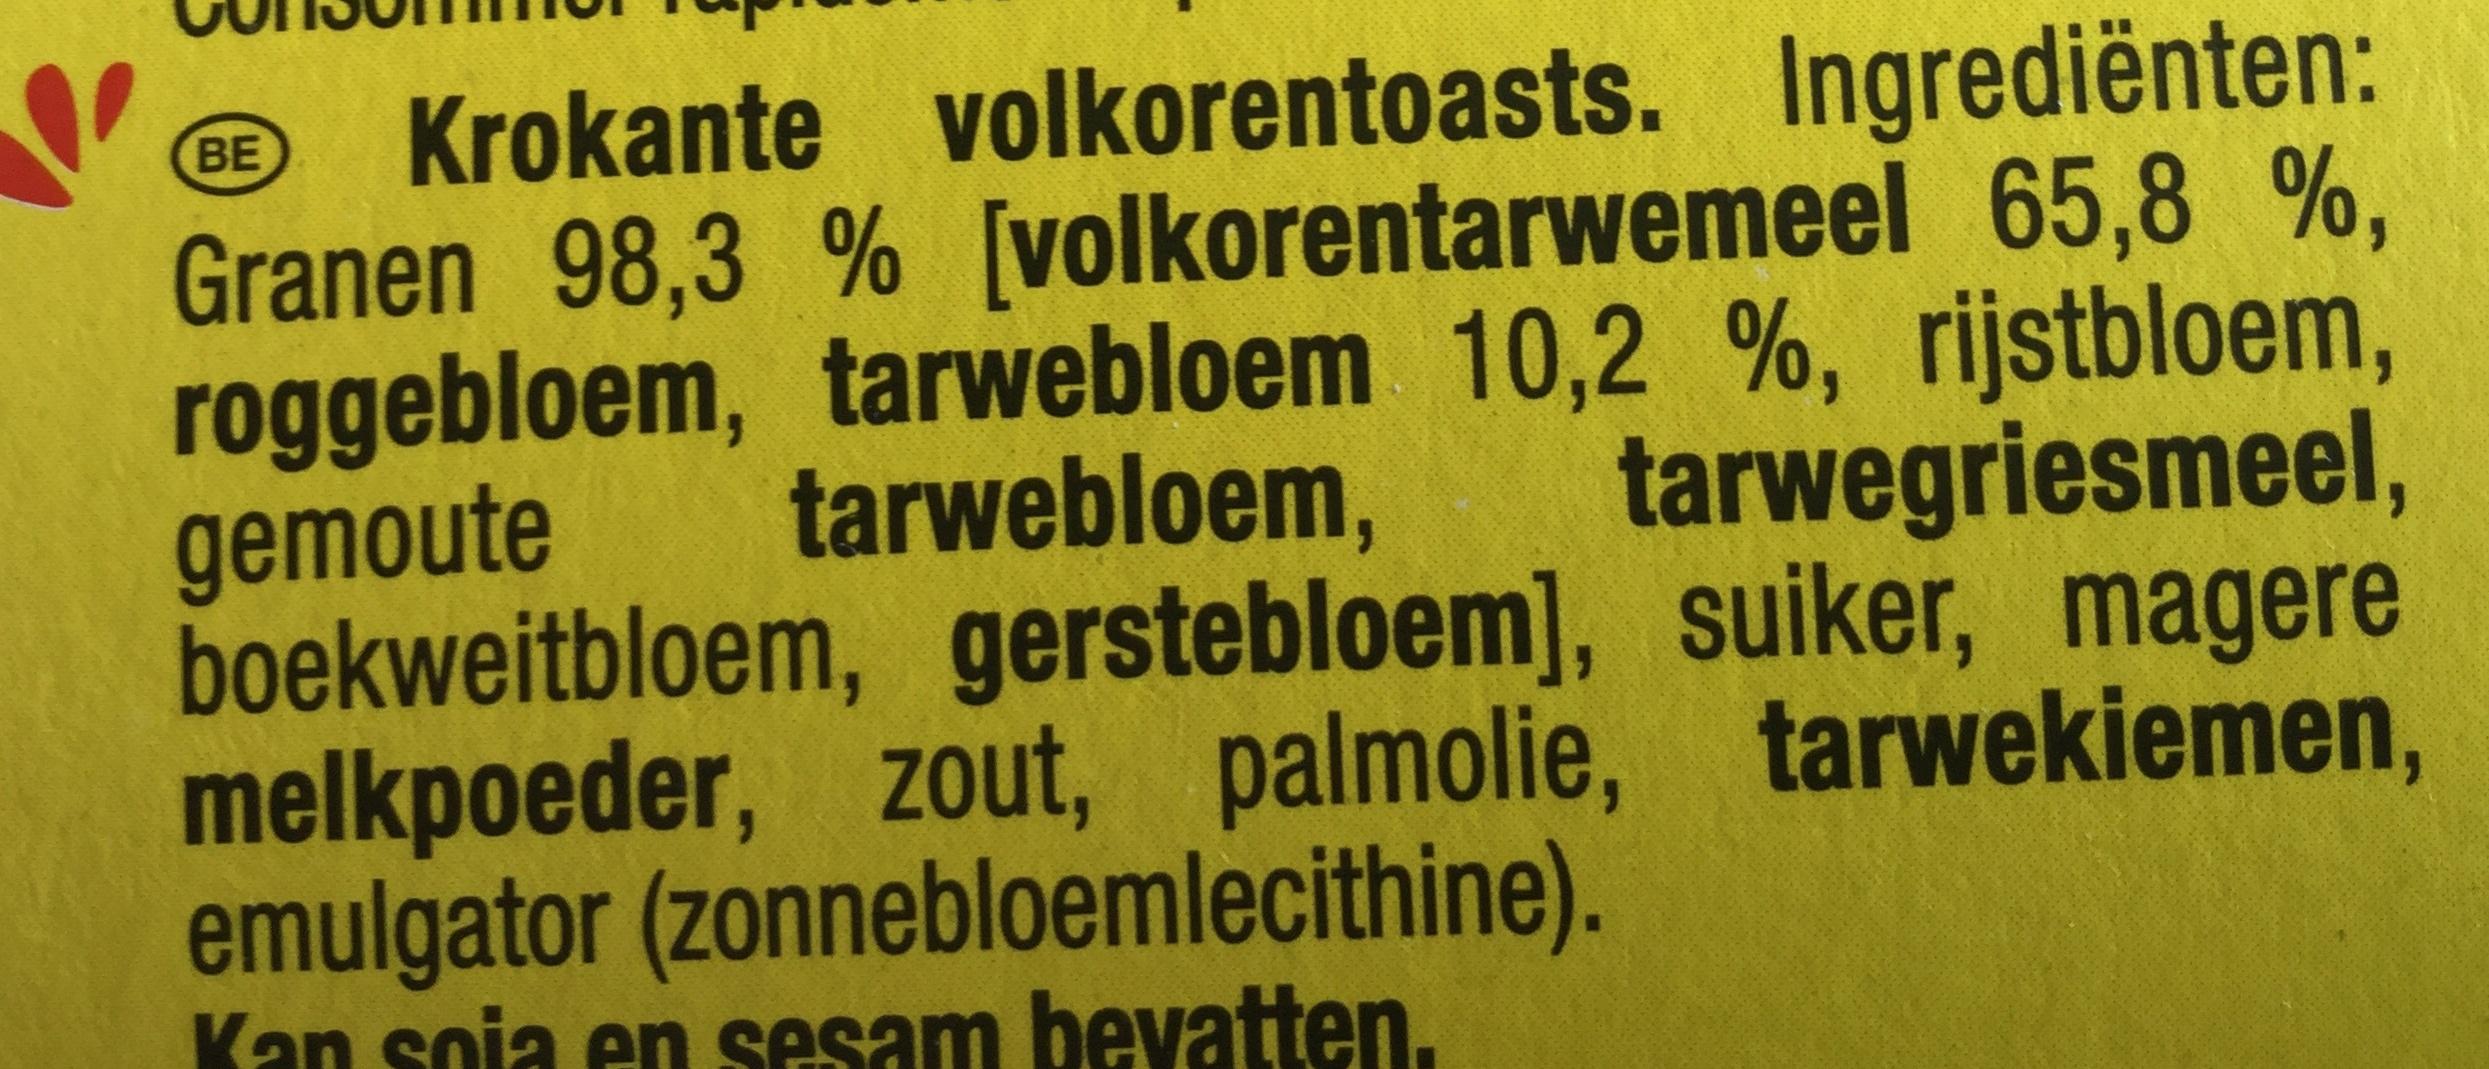 Cracotte Céréales Complètes - Ingrediënten - nl